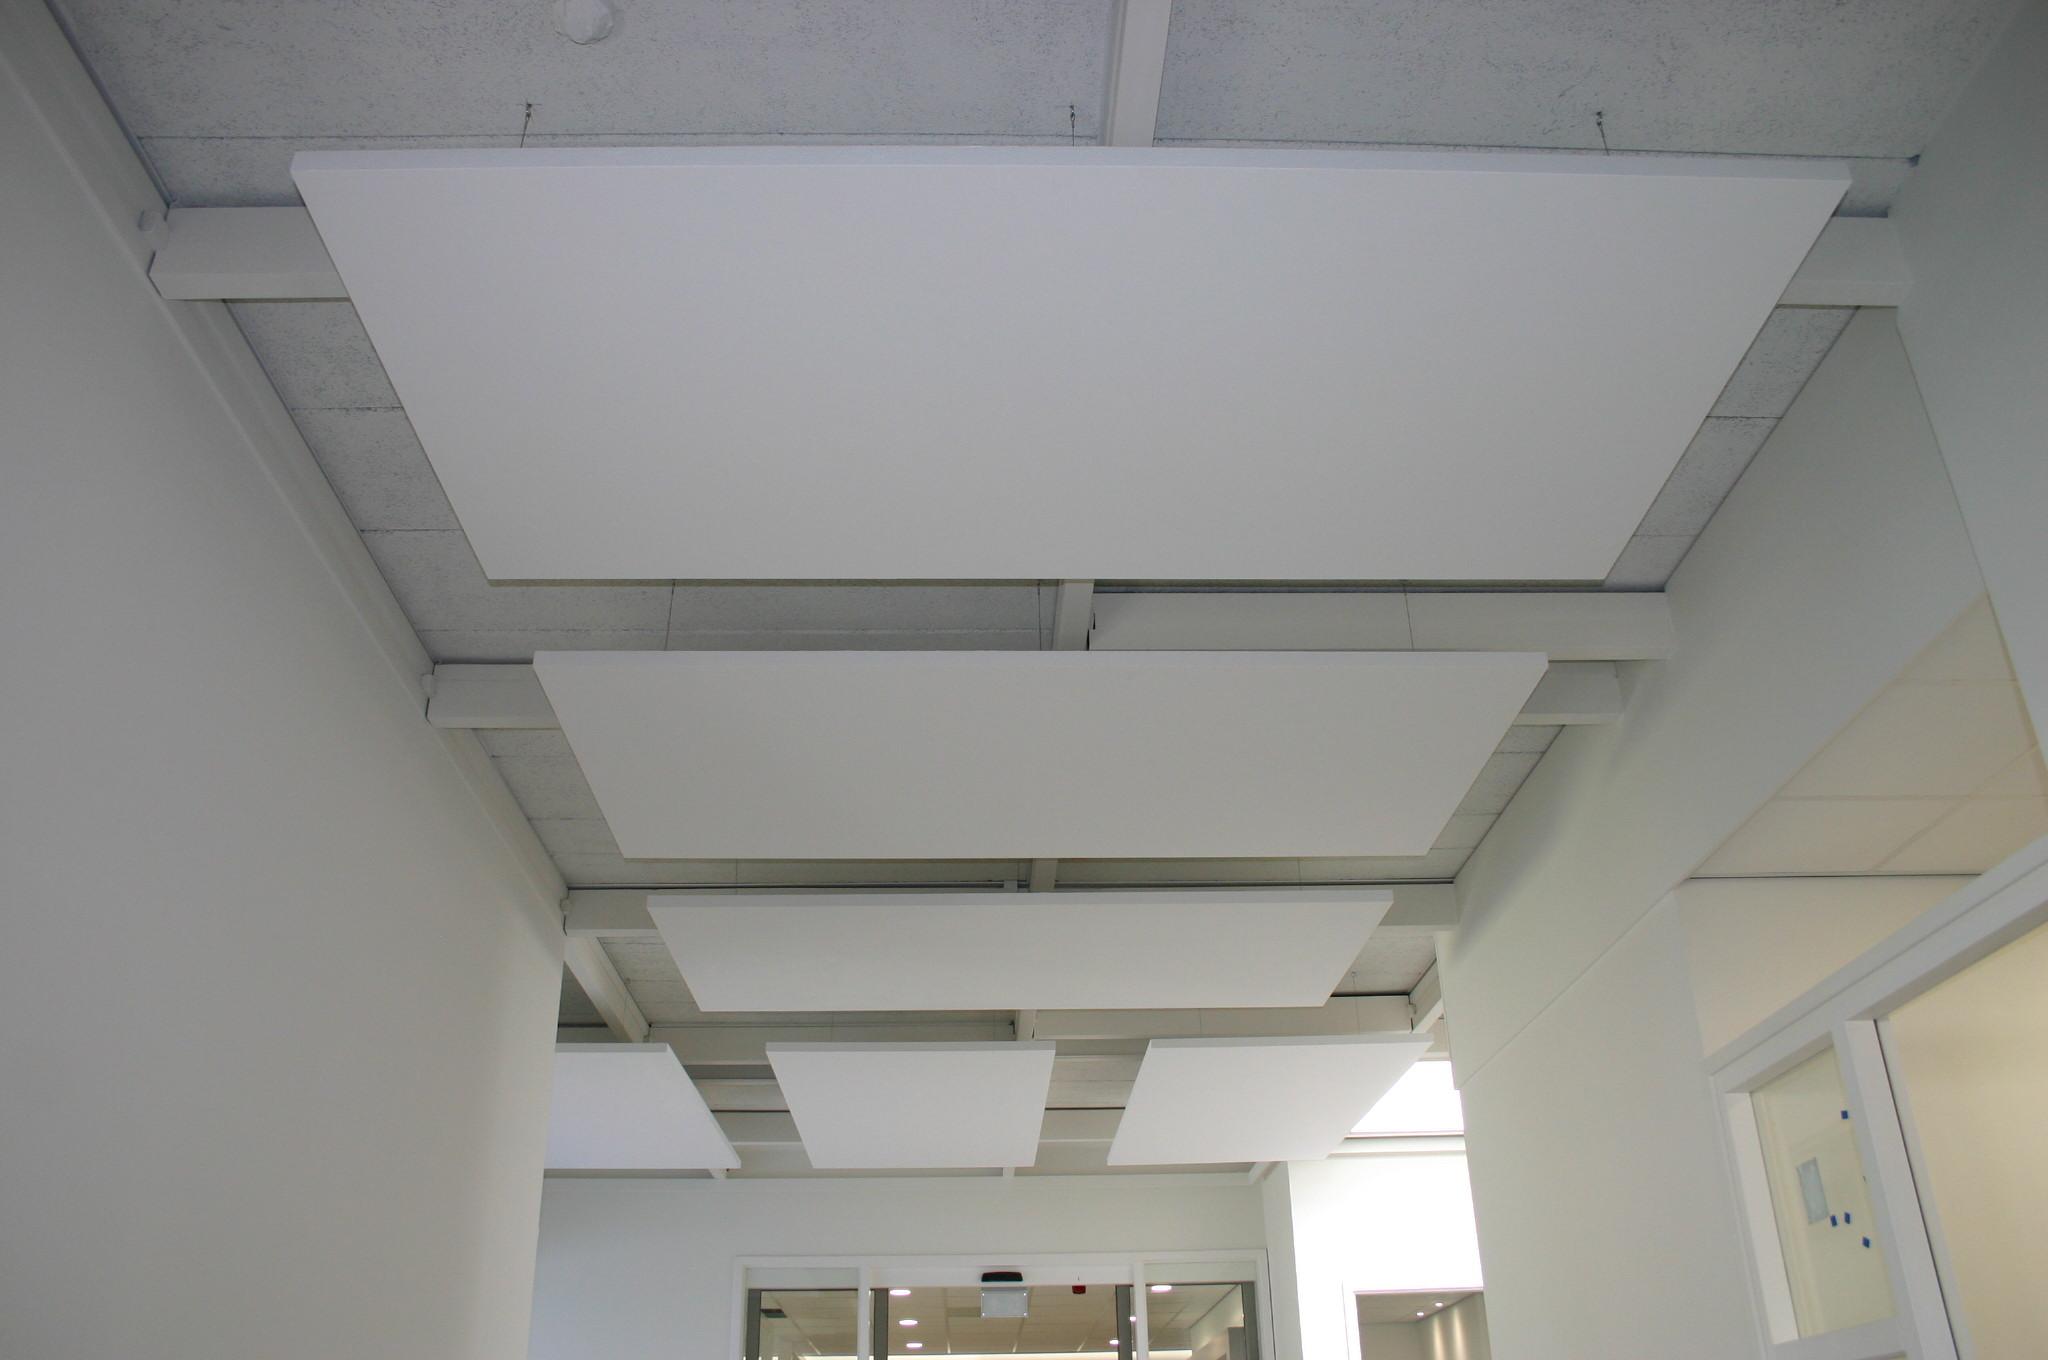 akoestisch systeemplafond plafondeiland plafondplaten akoestiek wit rechthoek